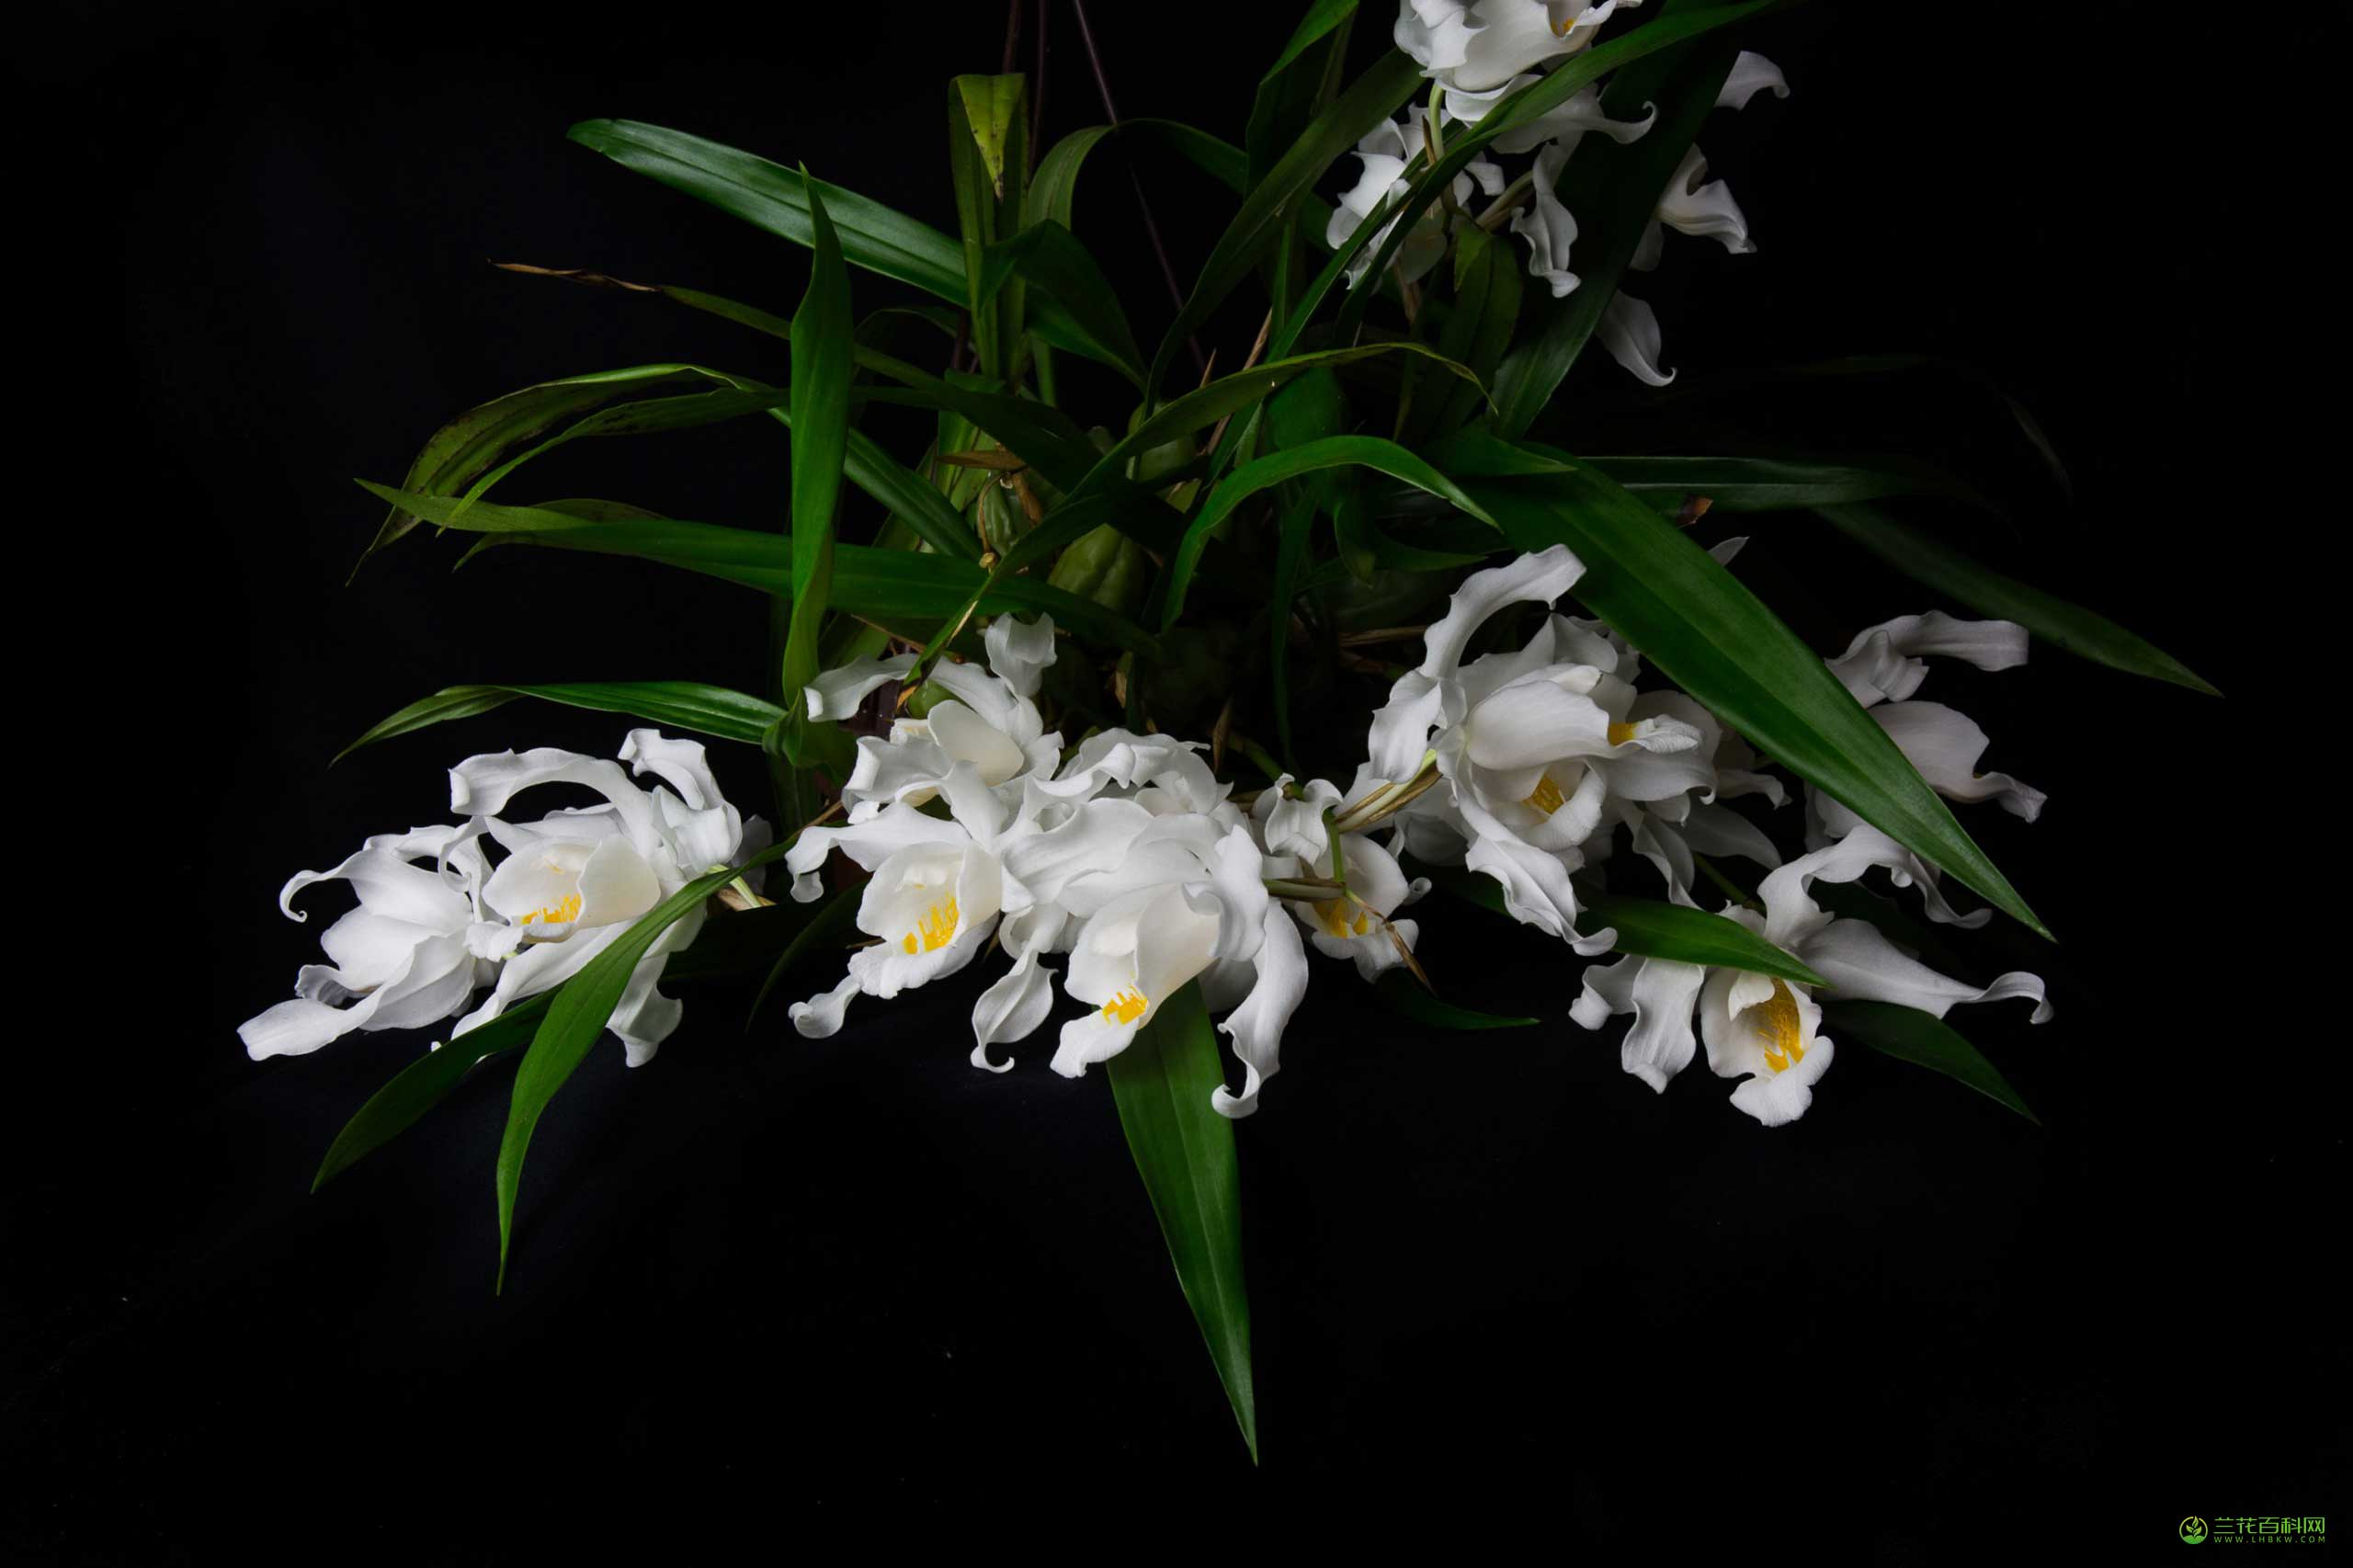 贝母兰Coelogyne cristata Lindl.